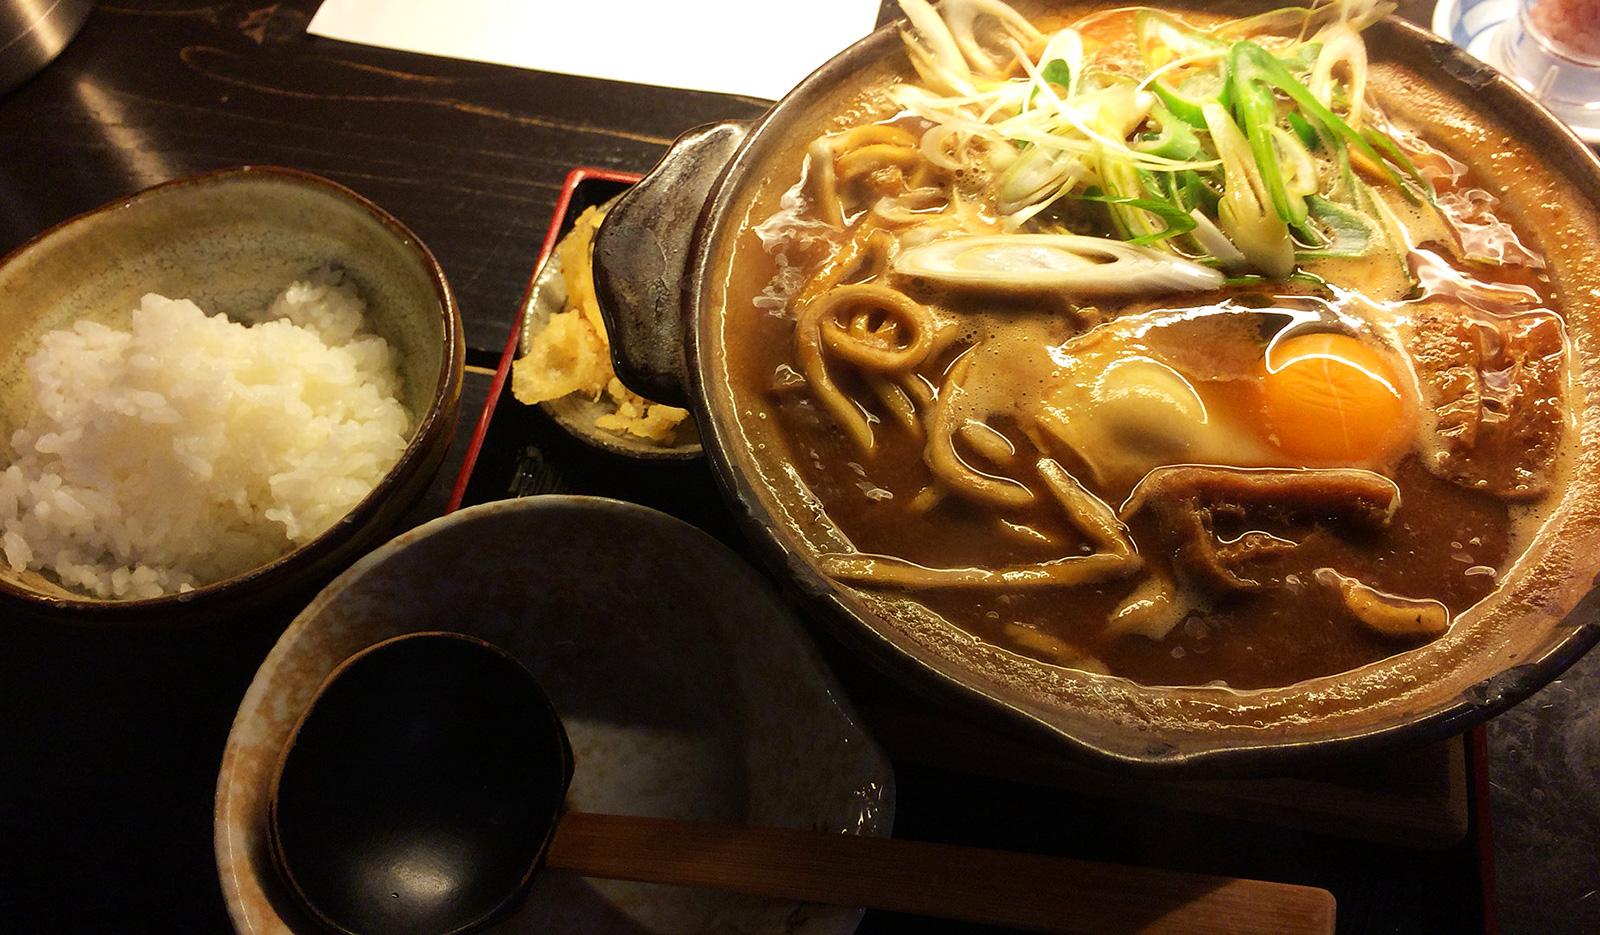 名古屋市の美味しいご飯・ランチ記事一覧